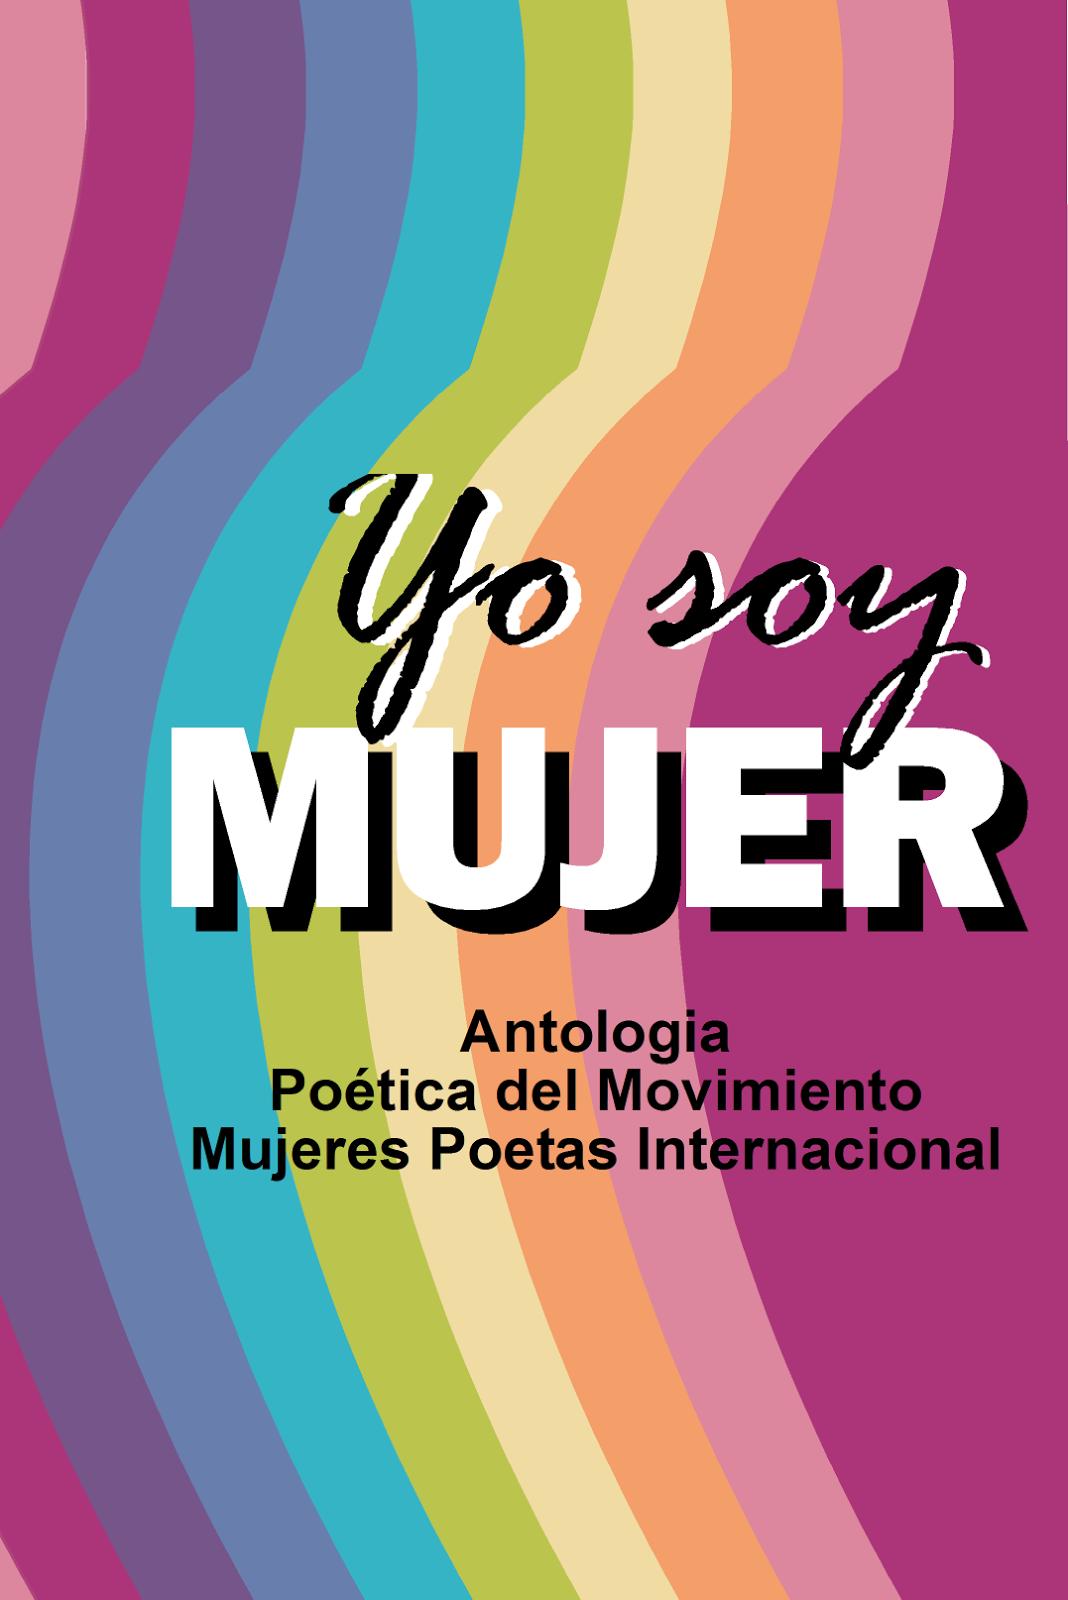 Antologia Yo soy mujer (2011)